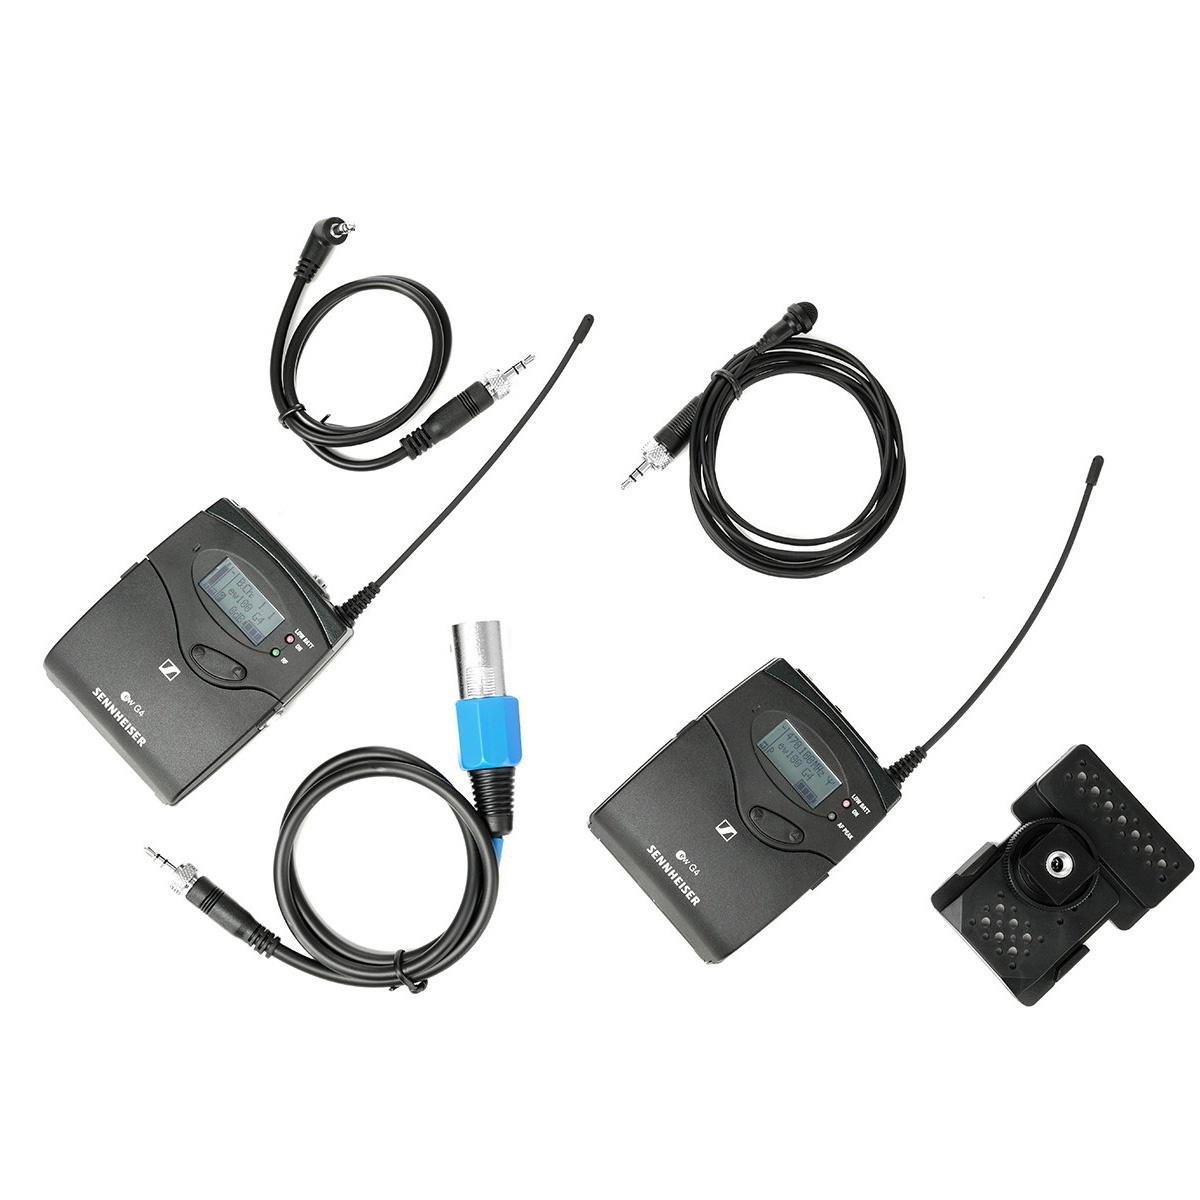 Sennheiser ew 122P G4 (626 - 668 MHz) bezdrôtový mikrofónny set s klopovým mikrofónom